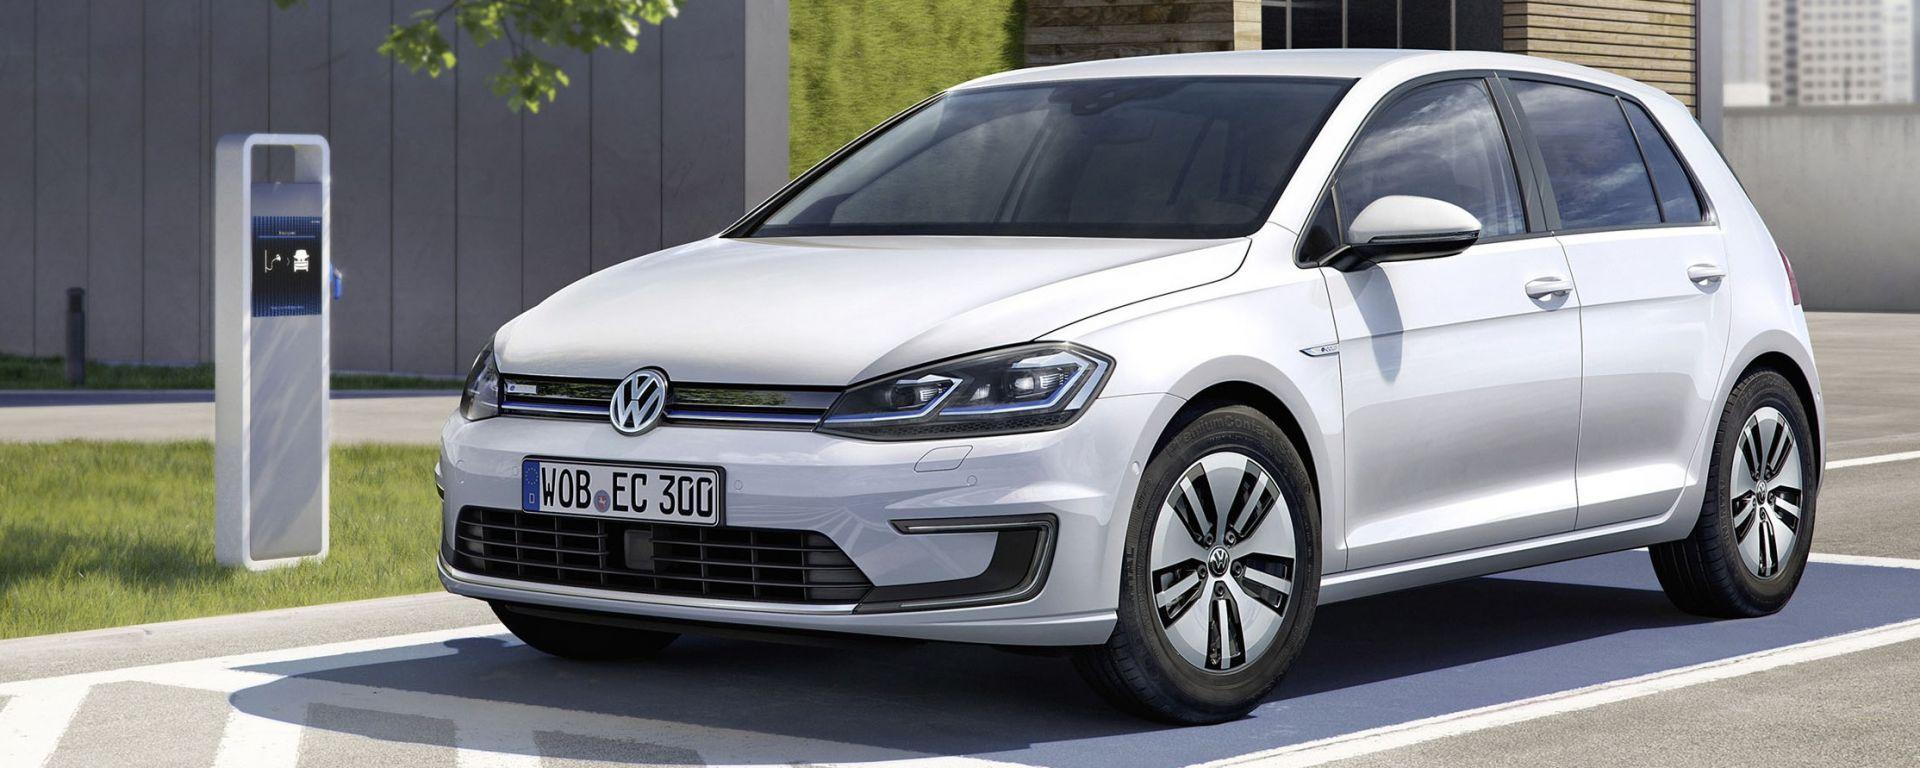 Volkswagen e-Golf: da colonnine speciali basta 1 ora per recuperare l'80% della carica